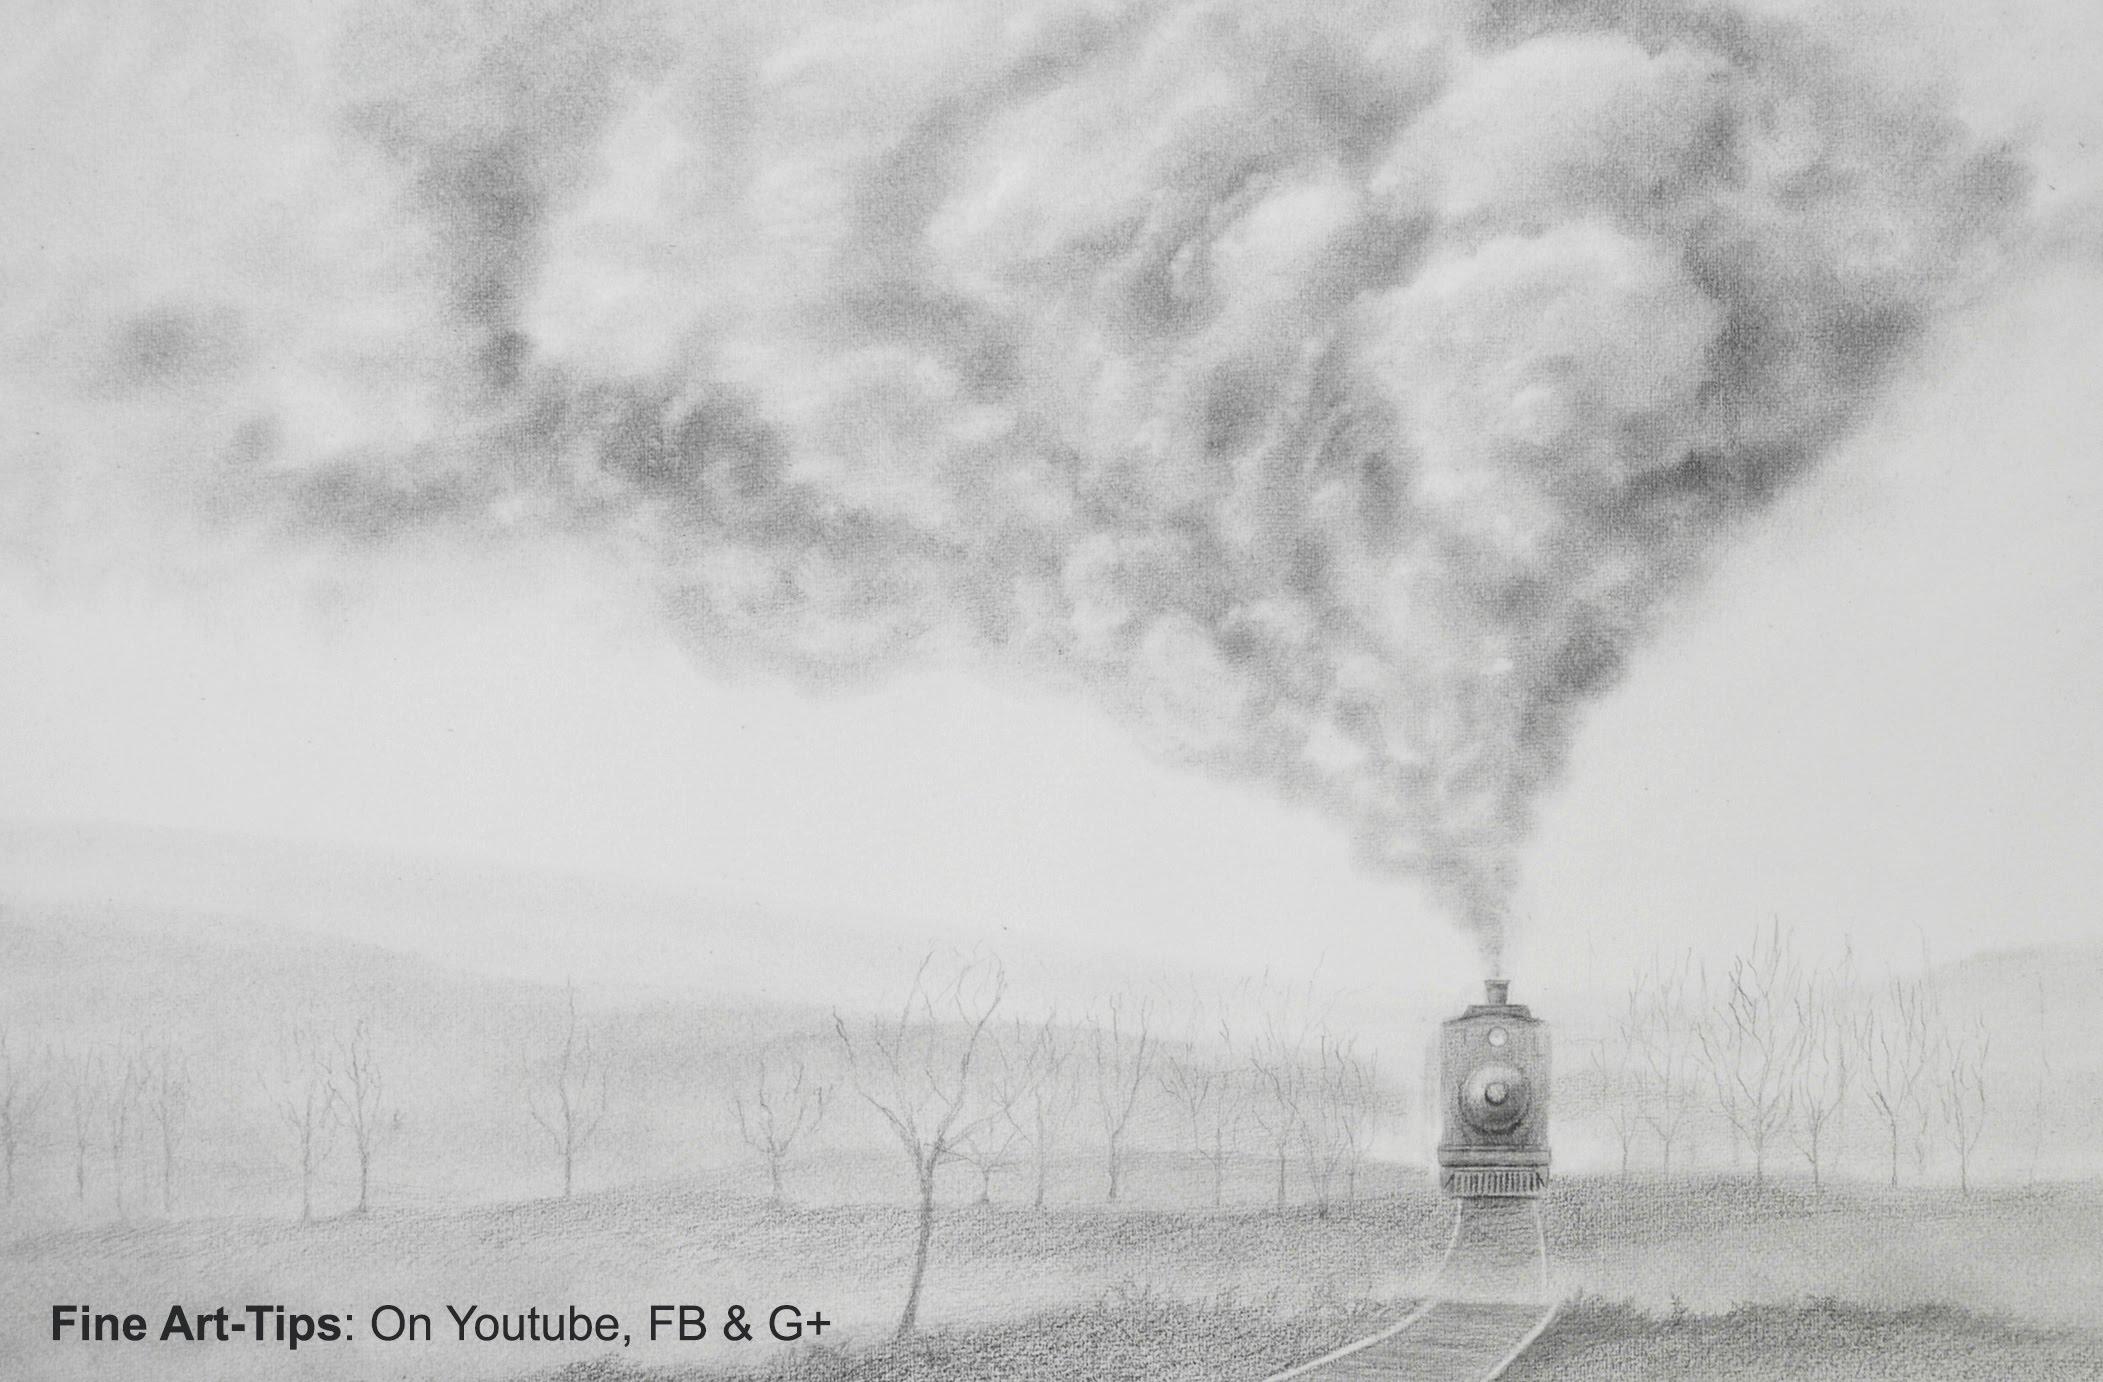 Drawn smoke Draw Train a How Realistic